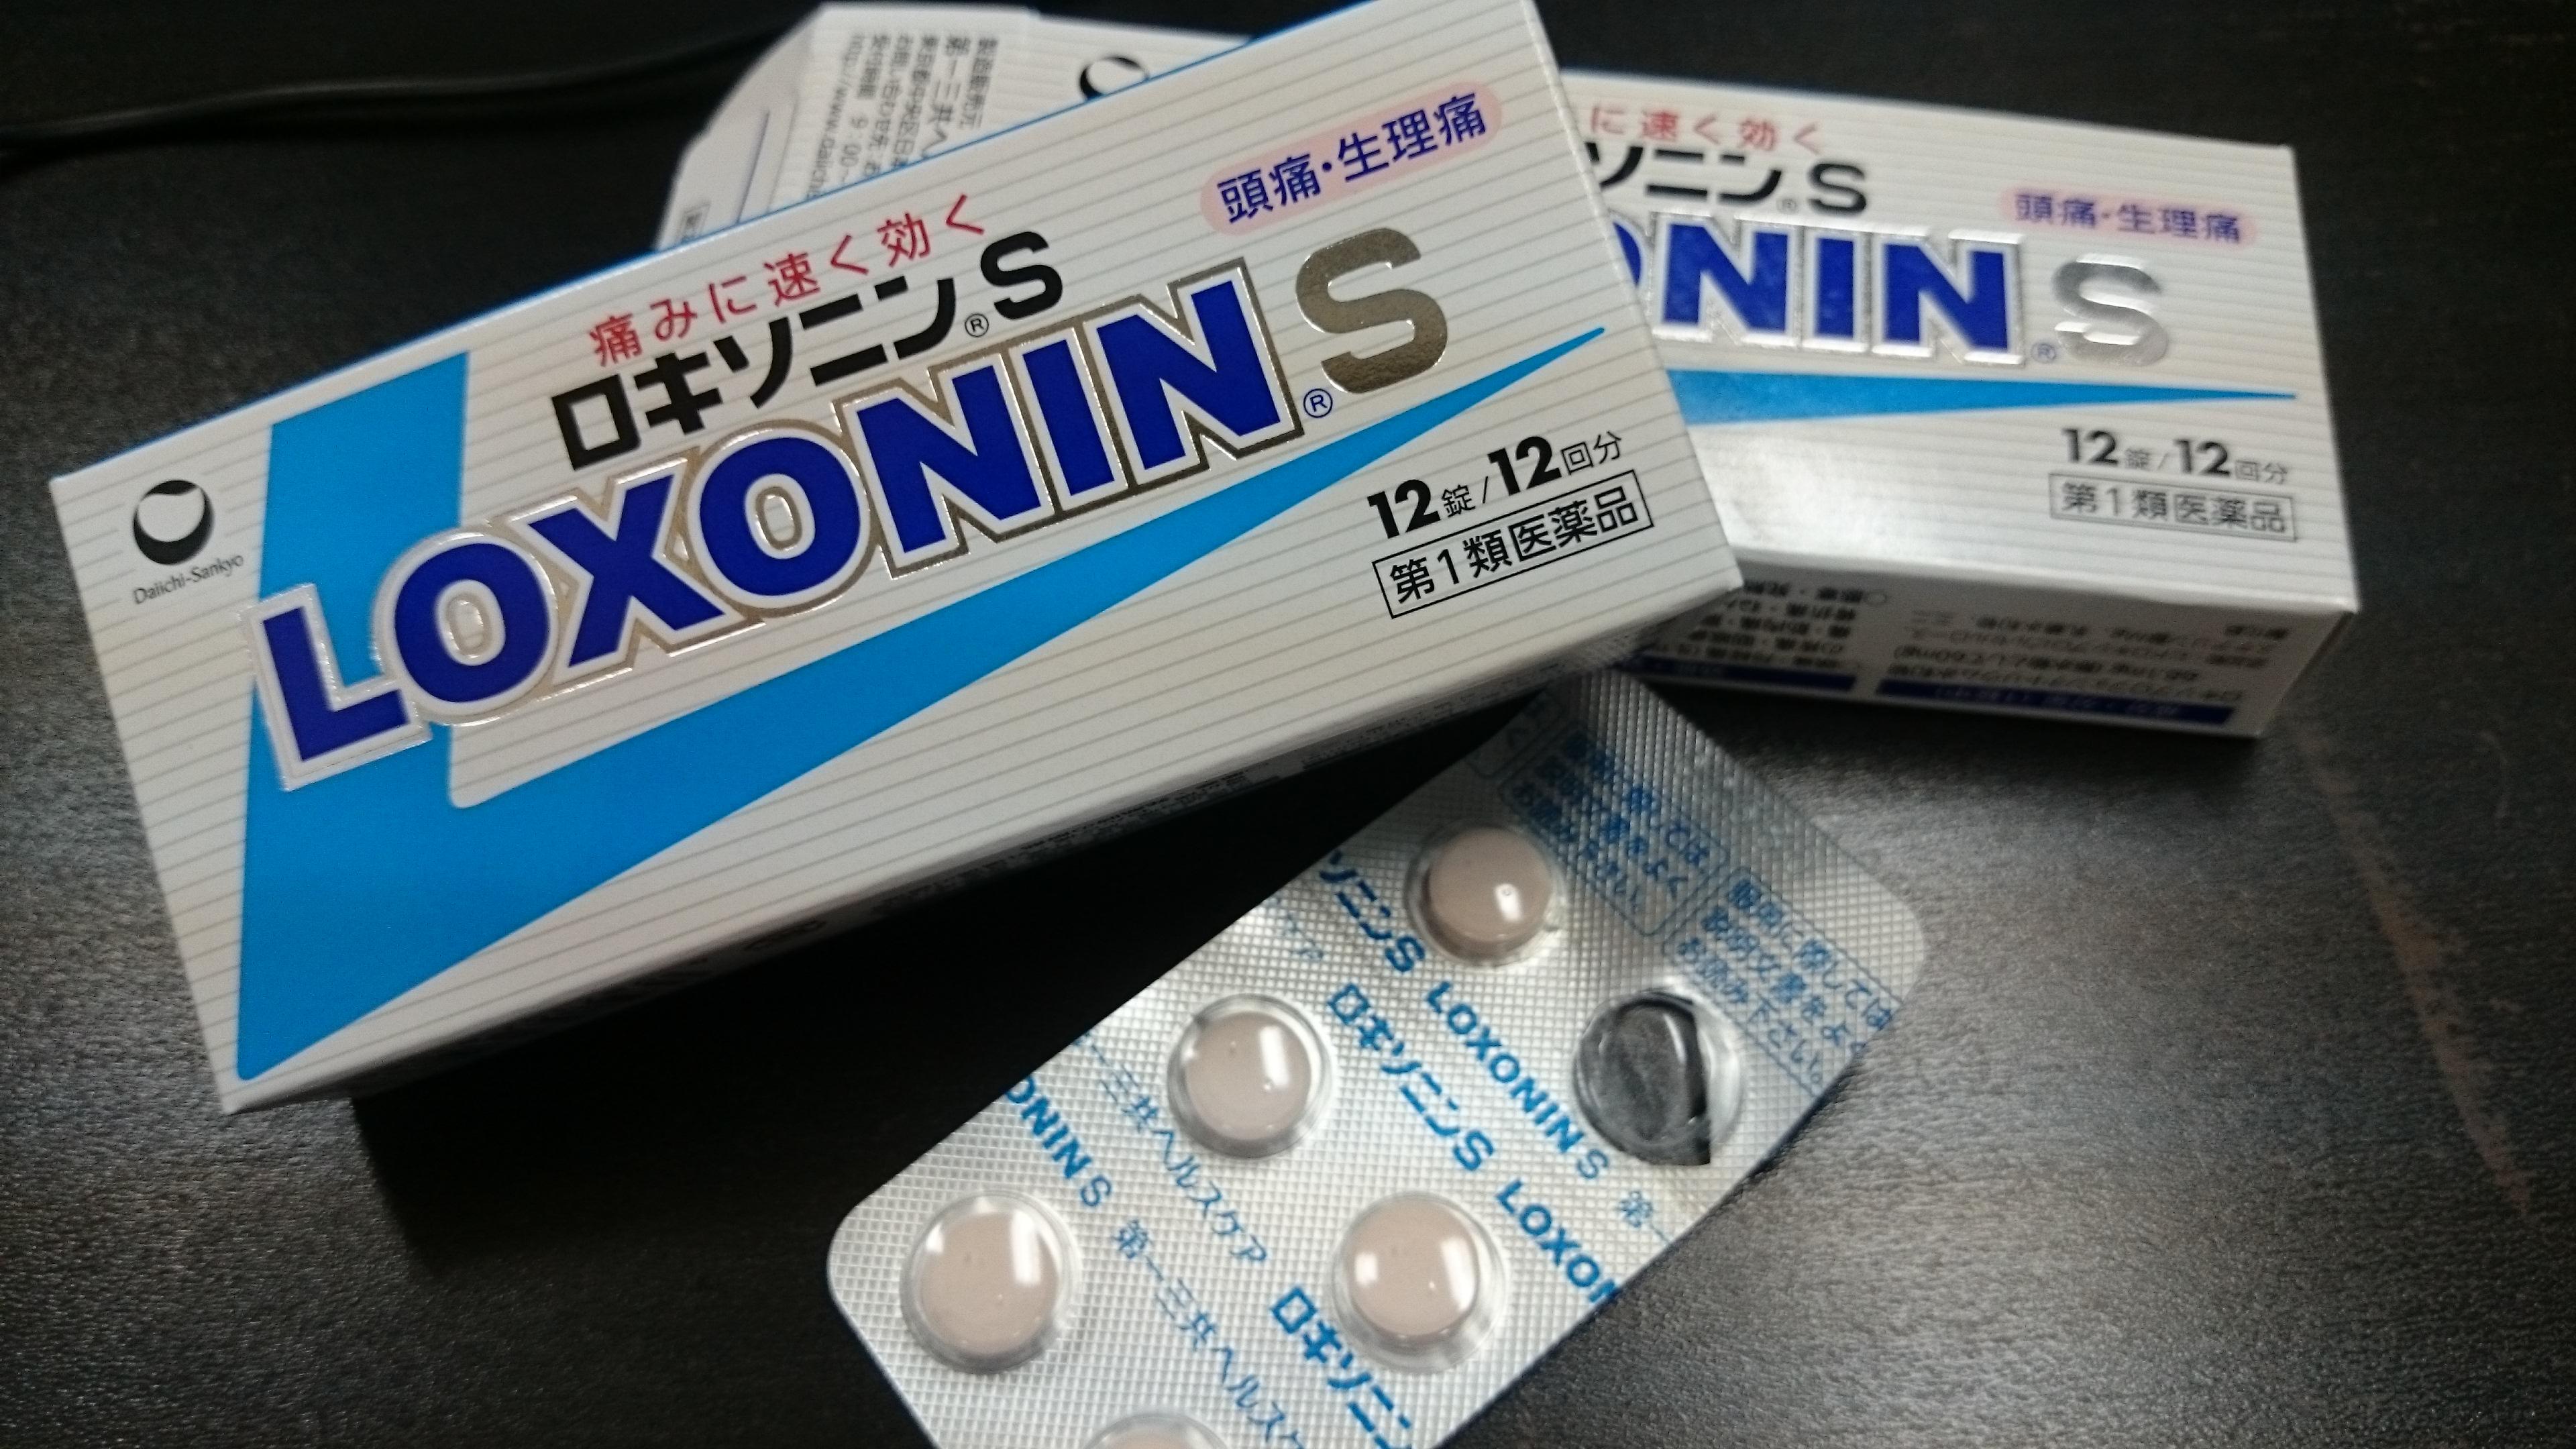 【第一三共】国内第3位の製薬会社のM&A苦難の道のり